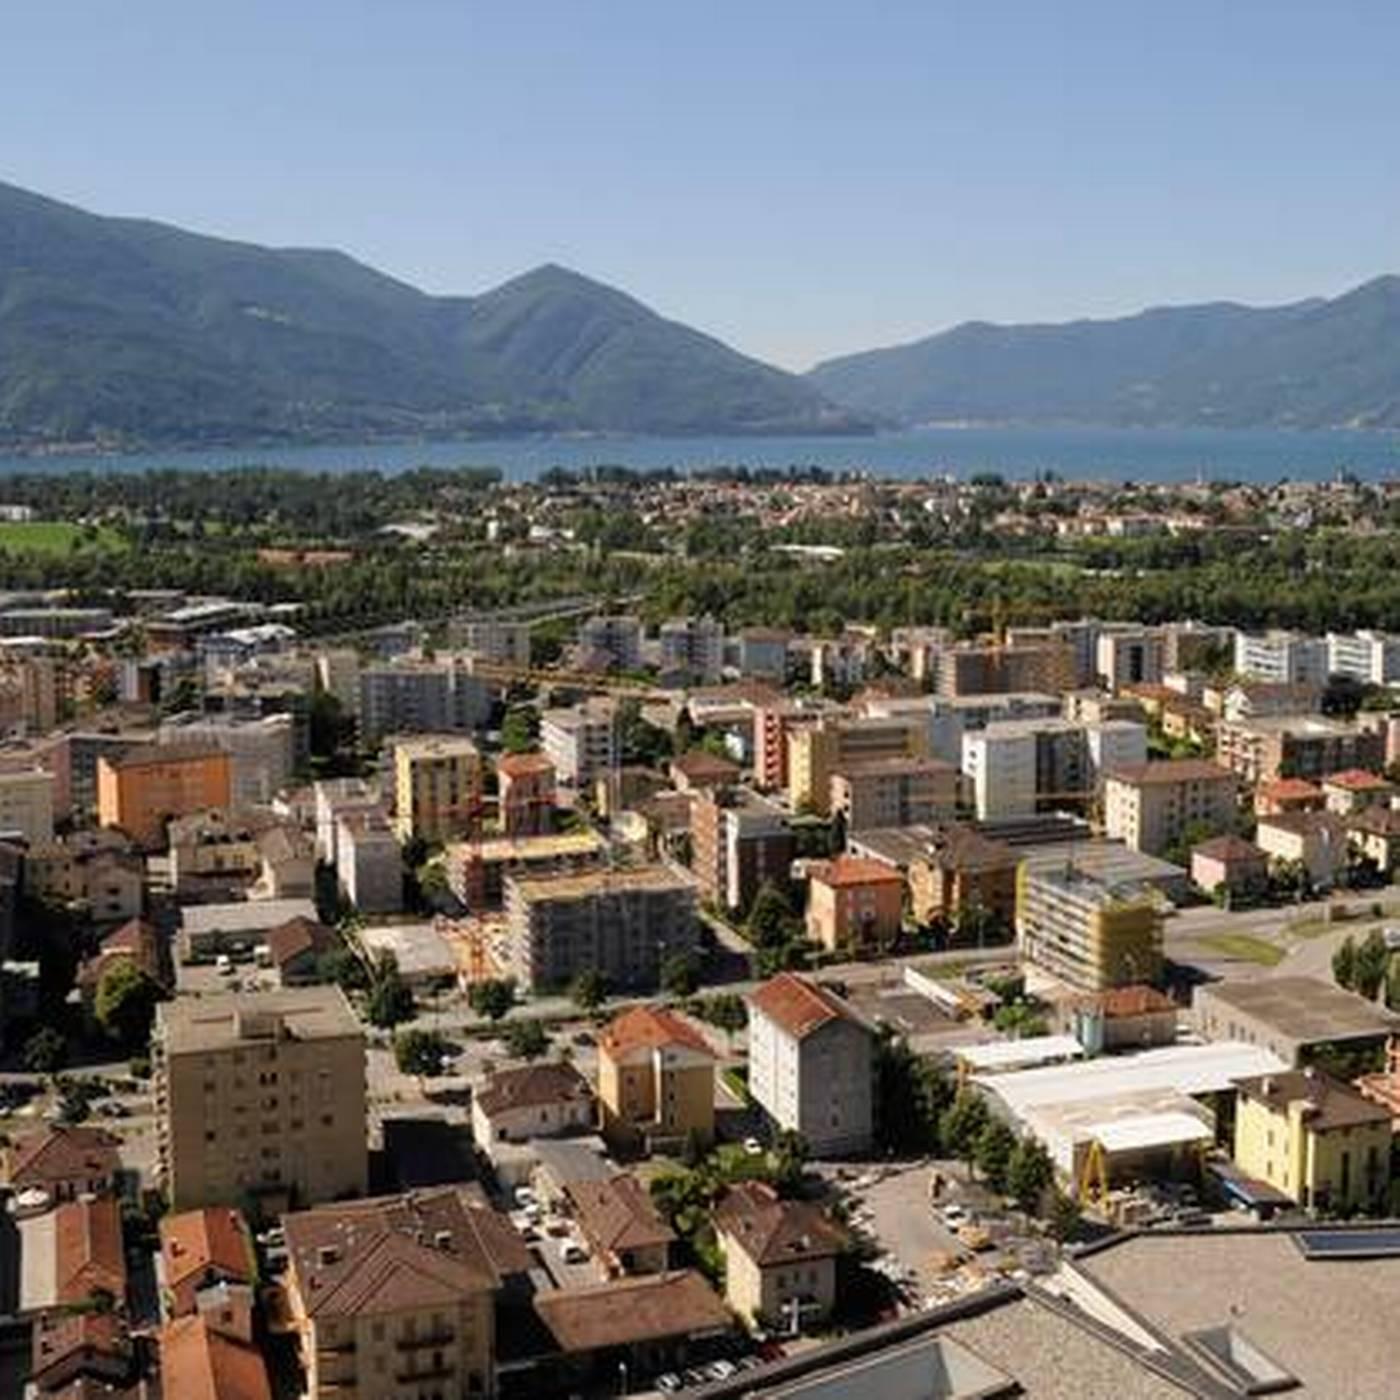 Ticino immobiliare: come ti sfitto la casa